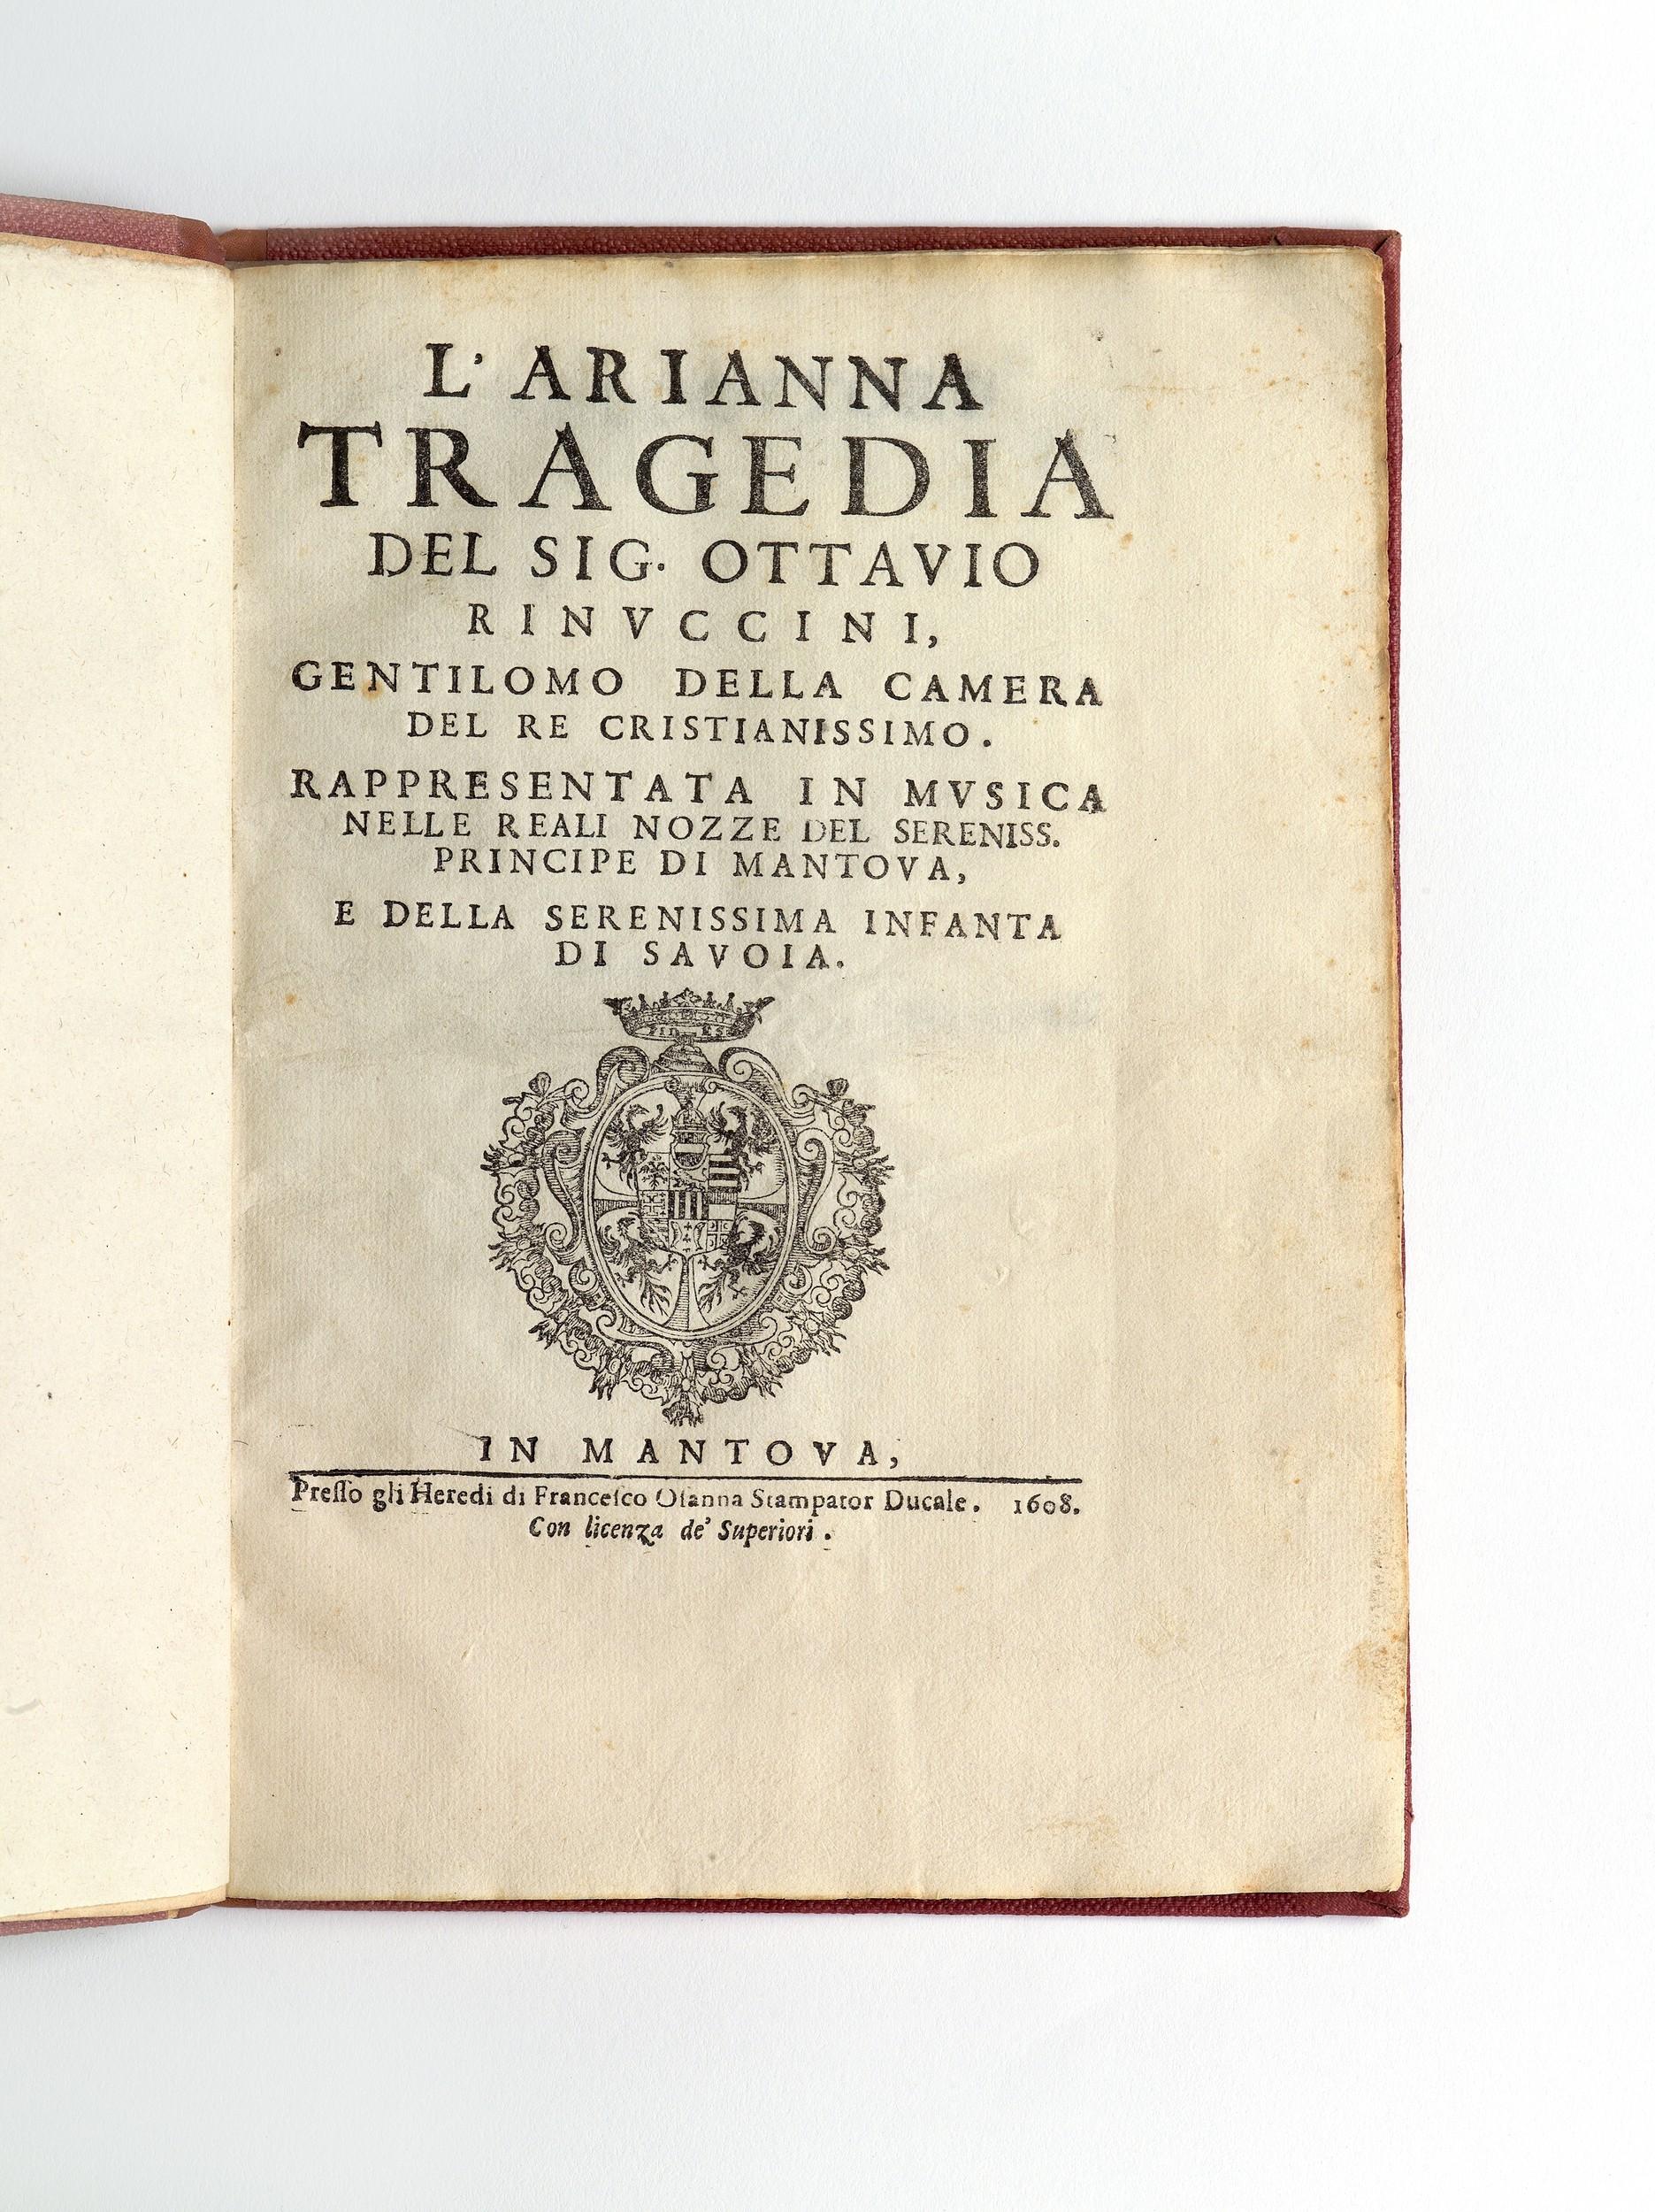 ViaLibri Rare Books From 1608 Page 1